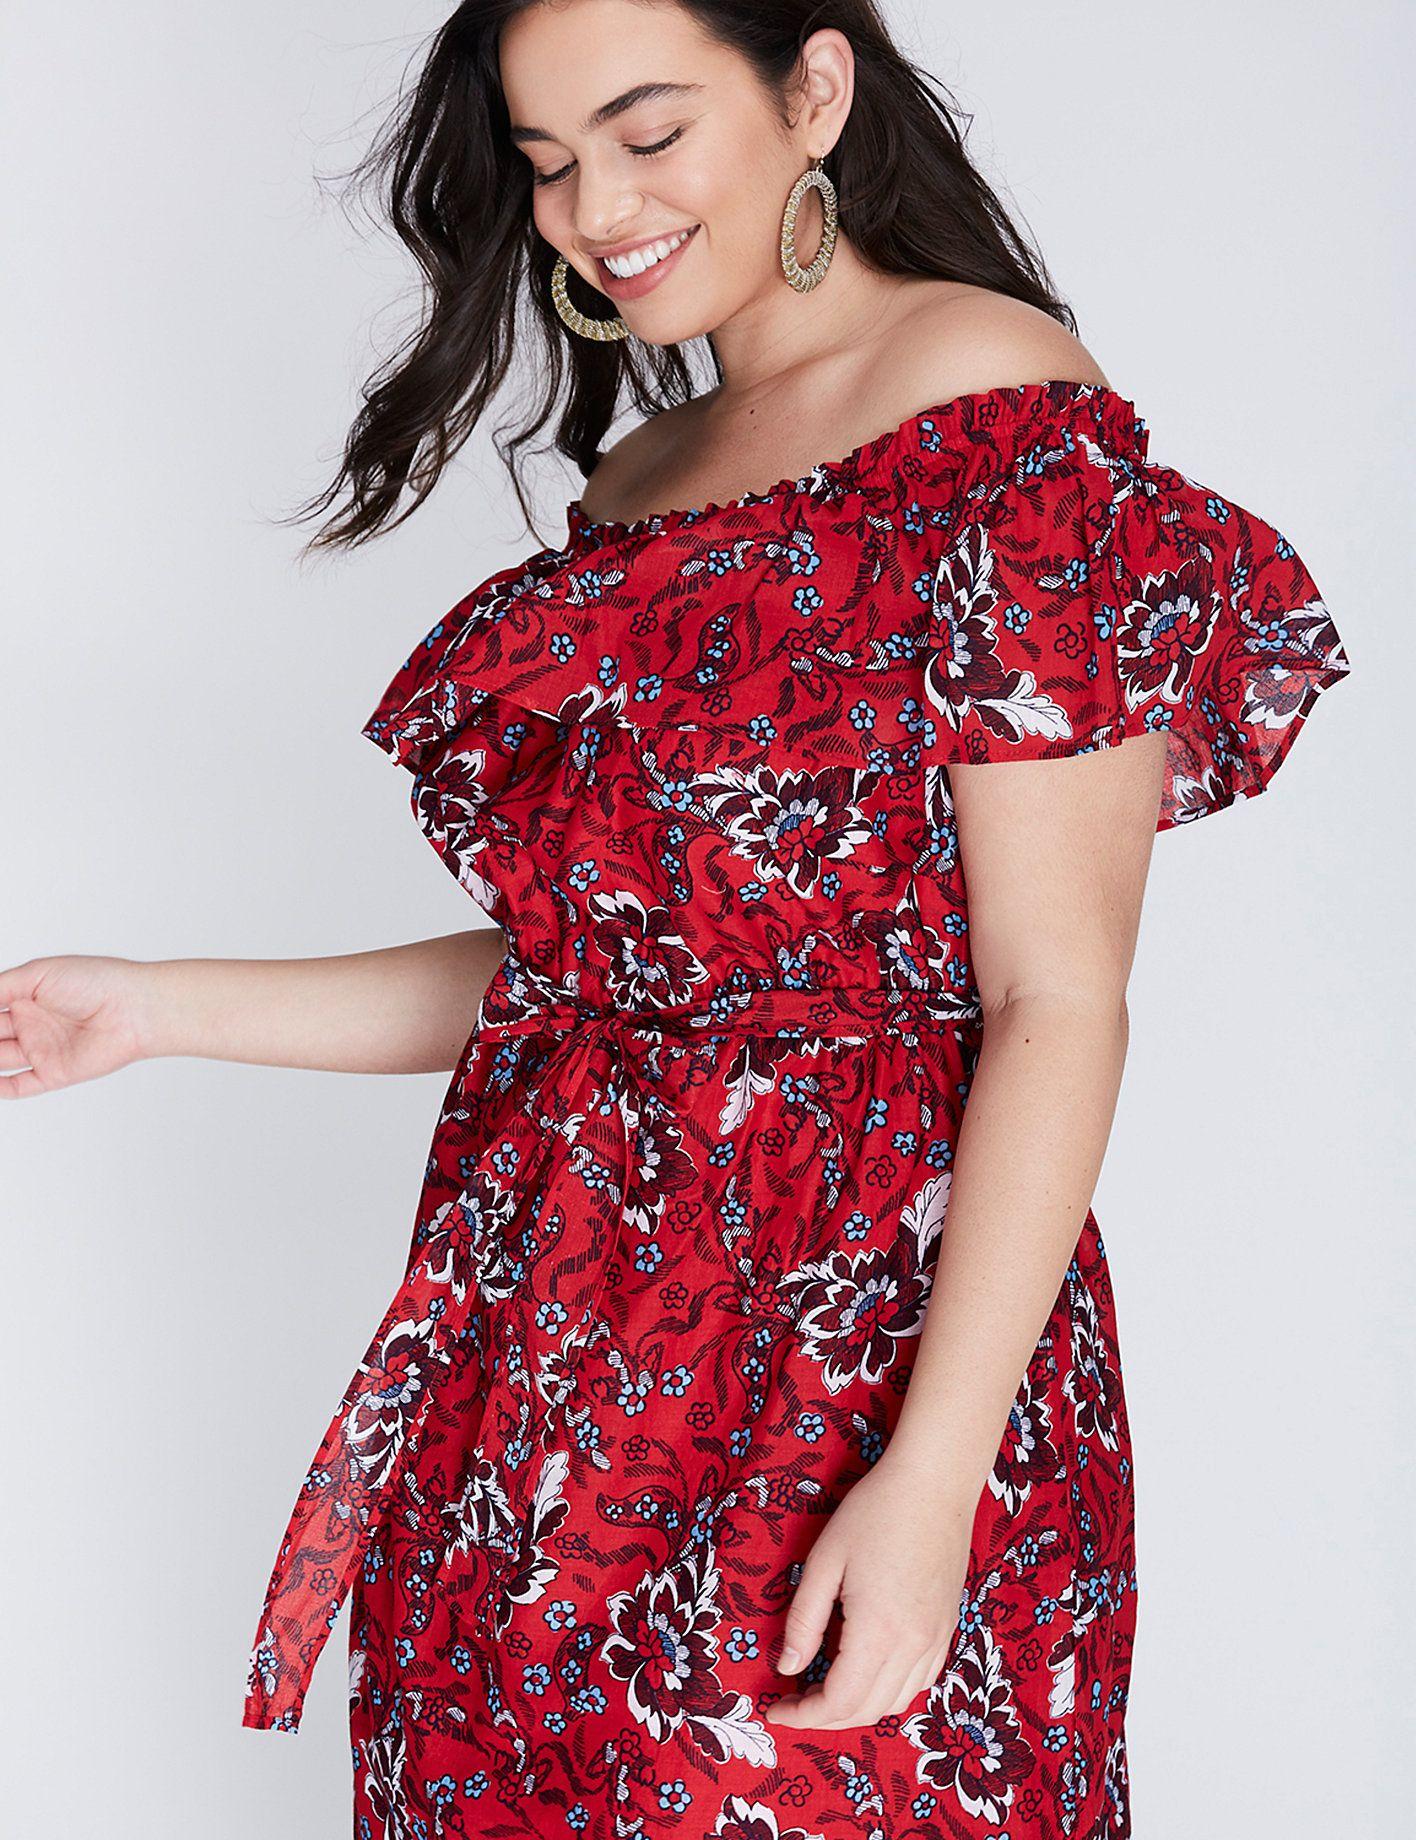 400e662397 Shop Plus Size Dresses - Sizes 14-28